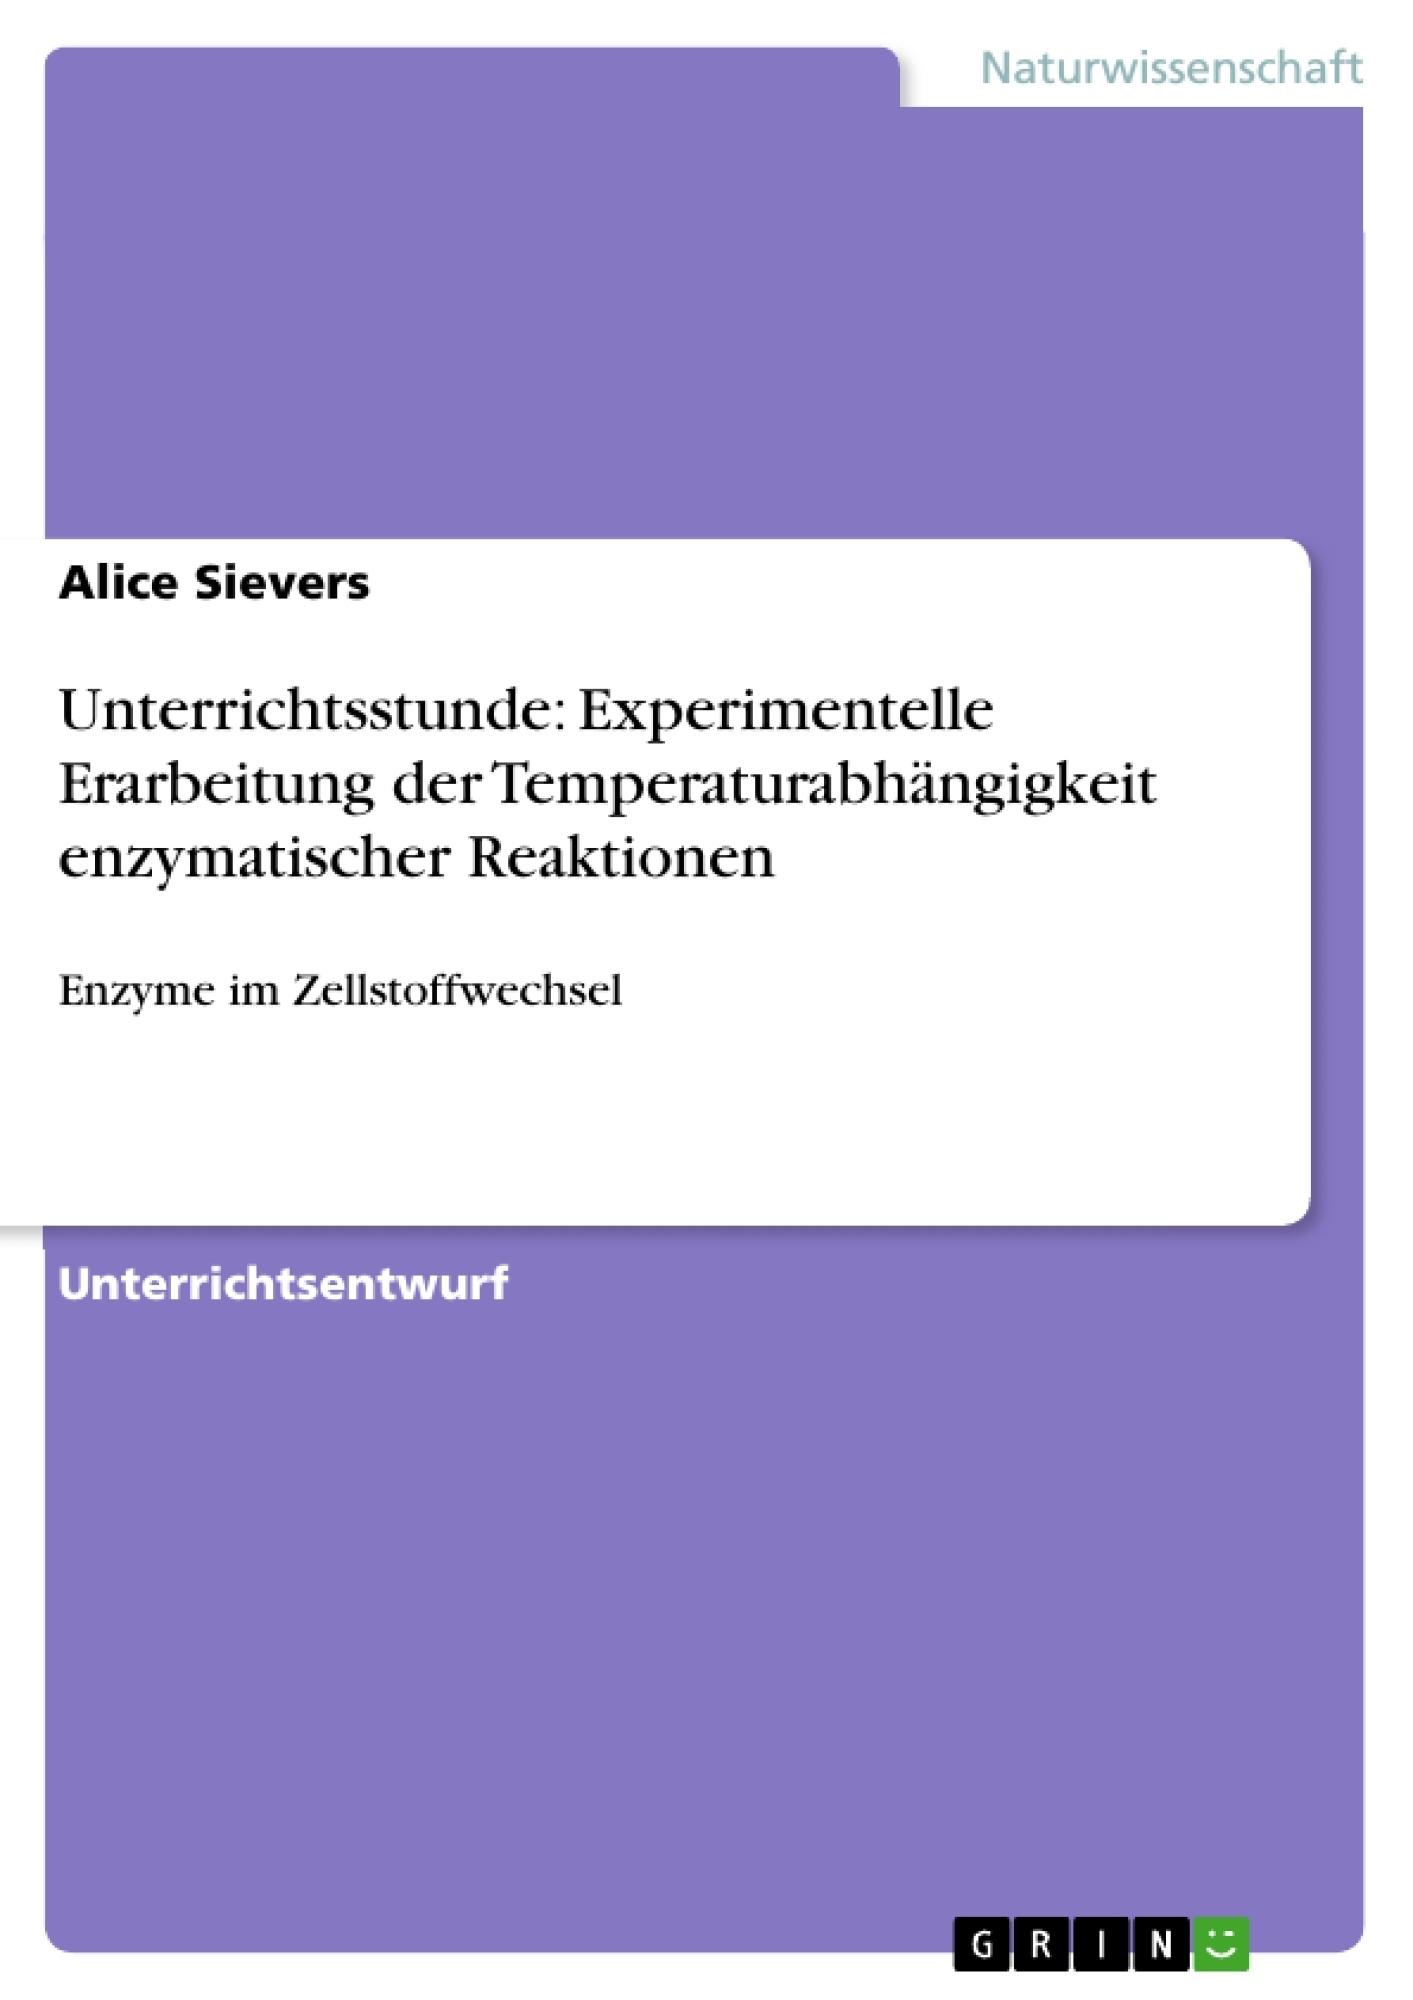 Titel: Unterrichtsstunde: Experimentelle Erarbeitung der Temperaturabhängigkeit enzymatischer Reaktionen